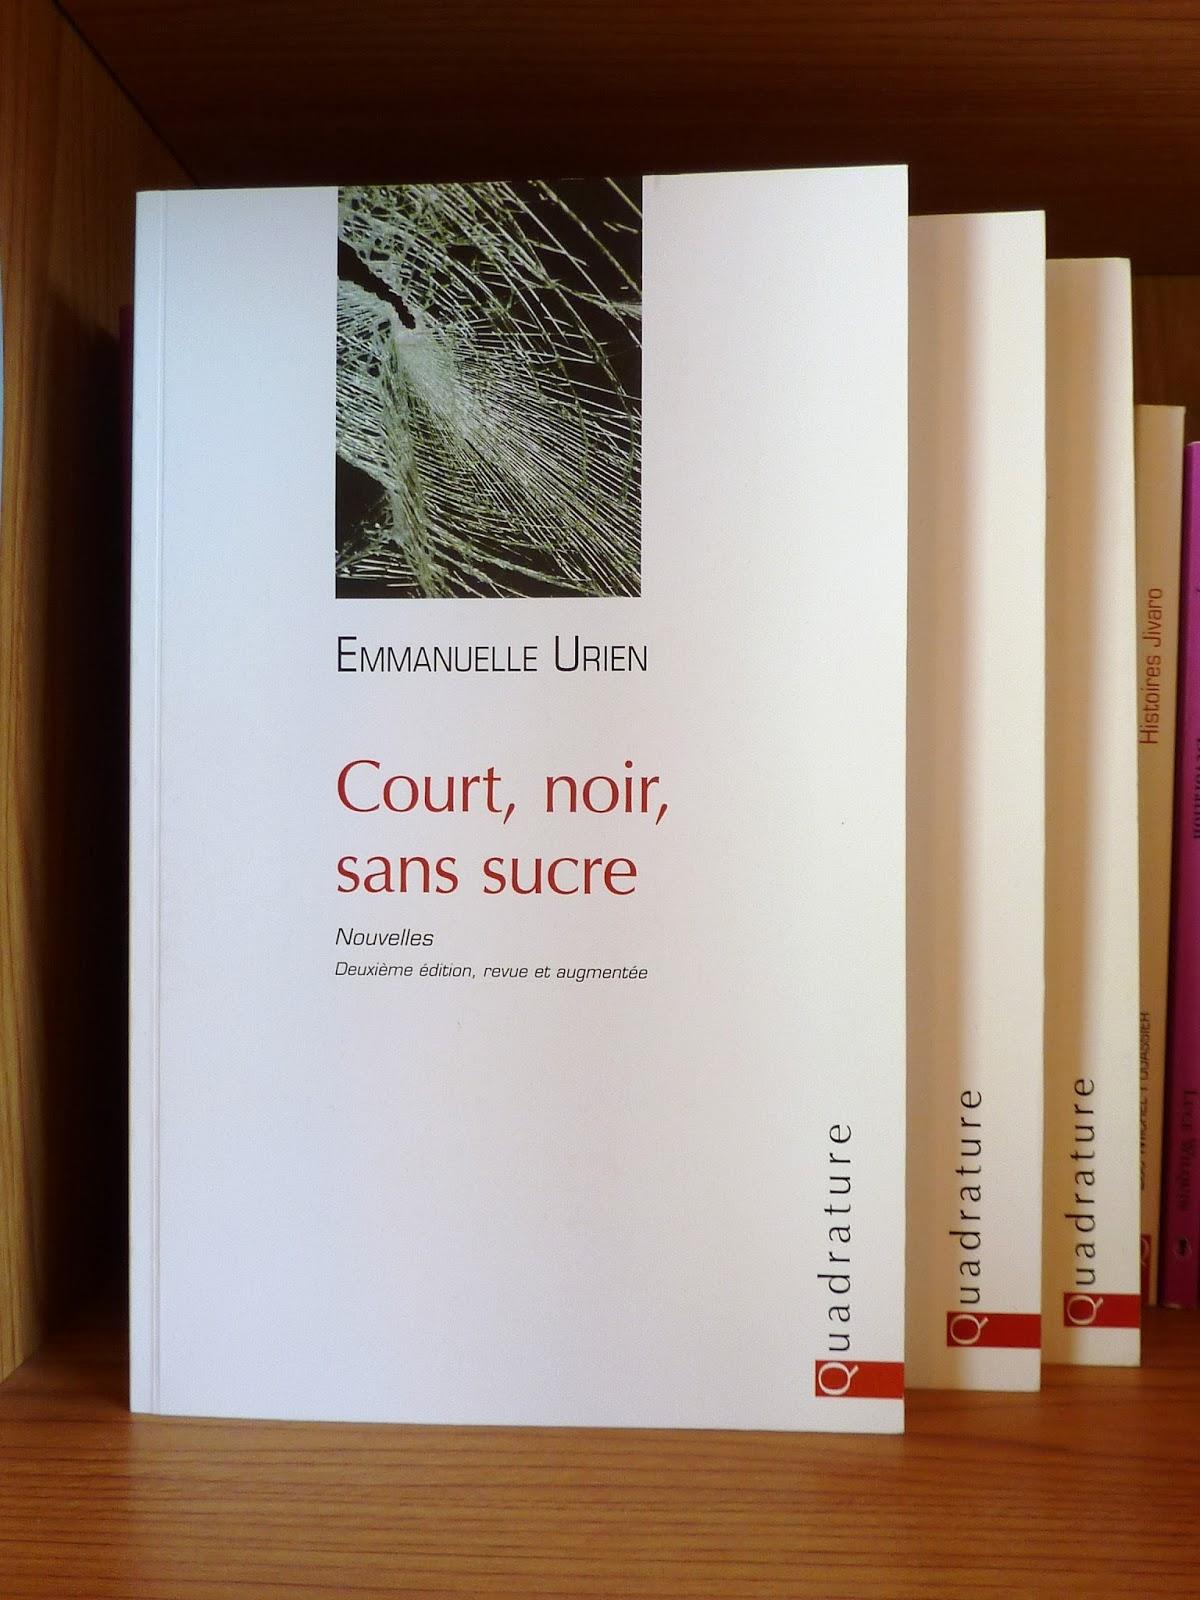 Court, noir, sans sucre - Emmanuelle Urien